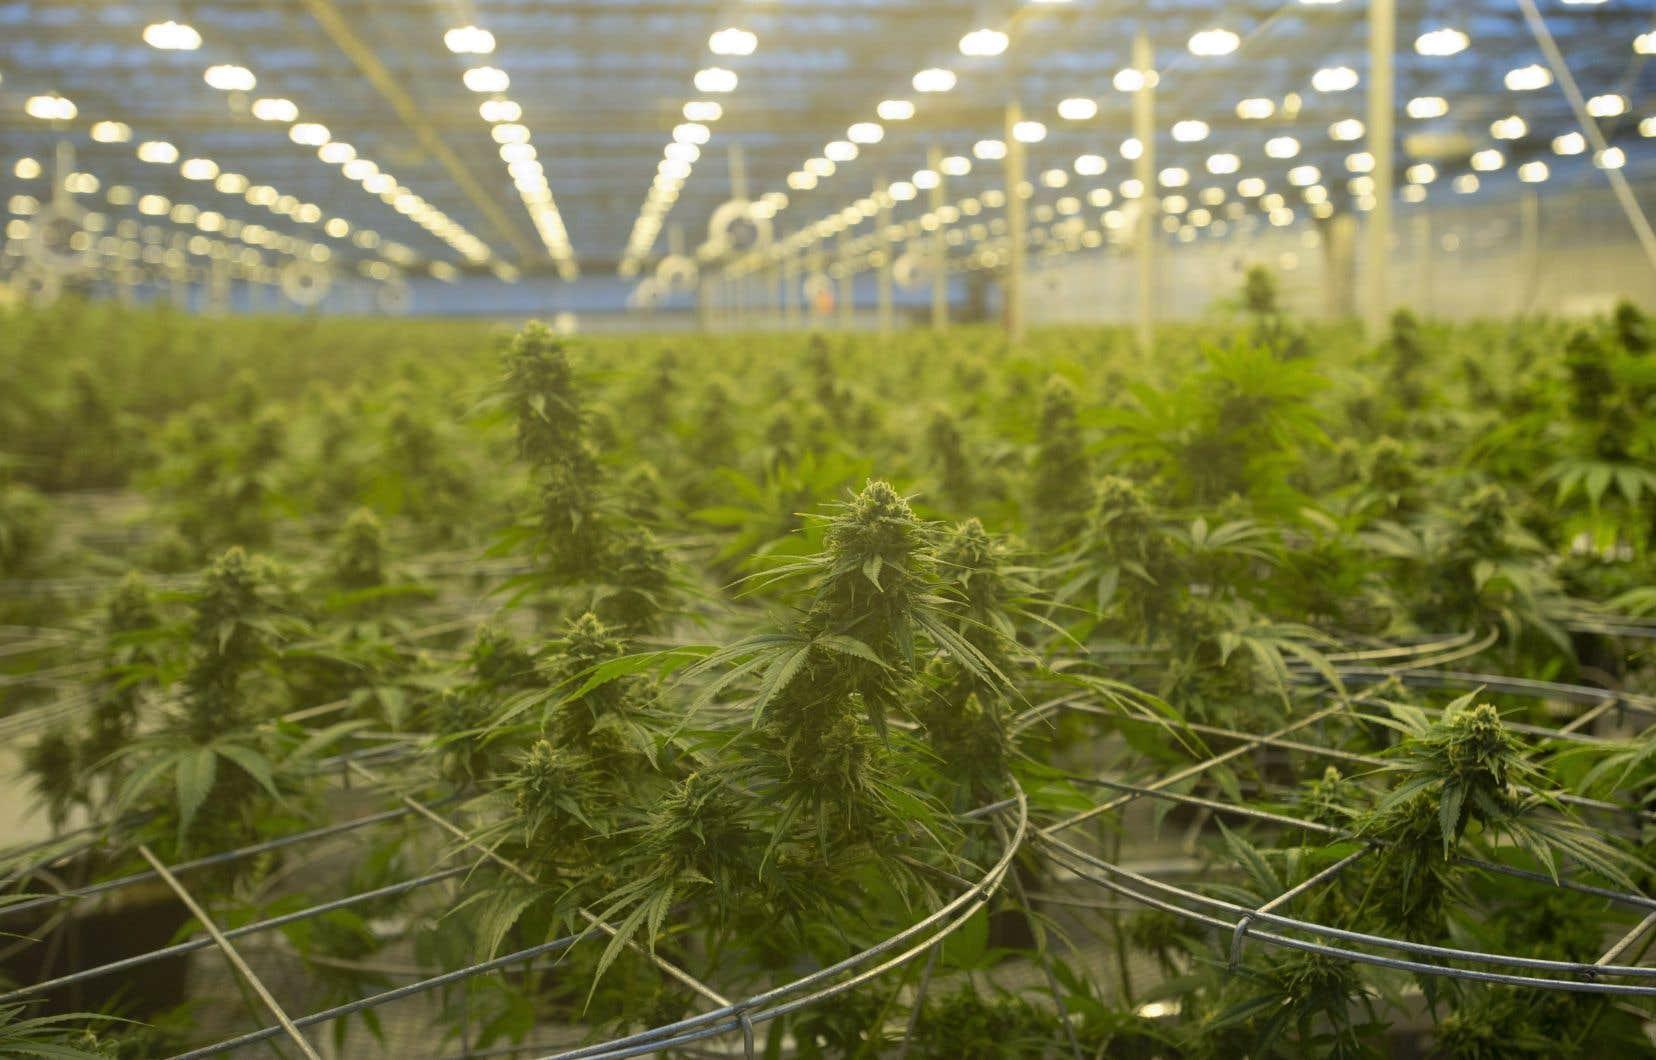 L'entreprise établie à Gatineau a notamment justifié sa décision par les ouvertures moins rapides que prévu des boutiques de cannabis, principalement au Québec et en Ontario.